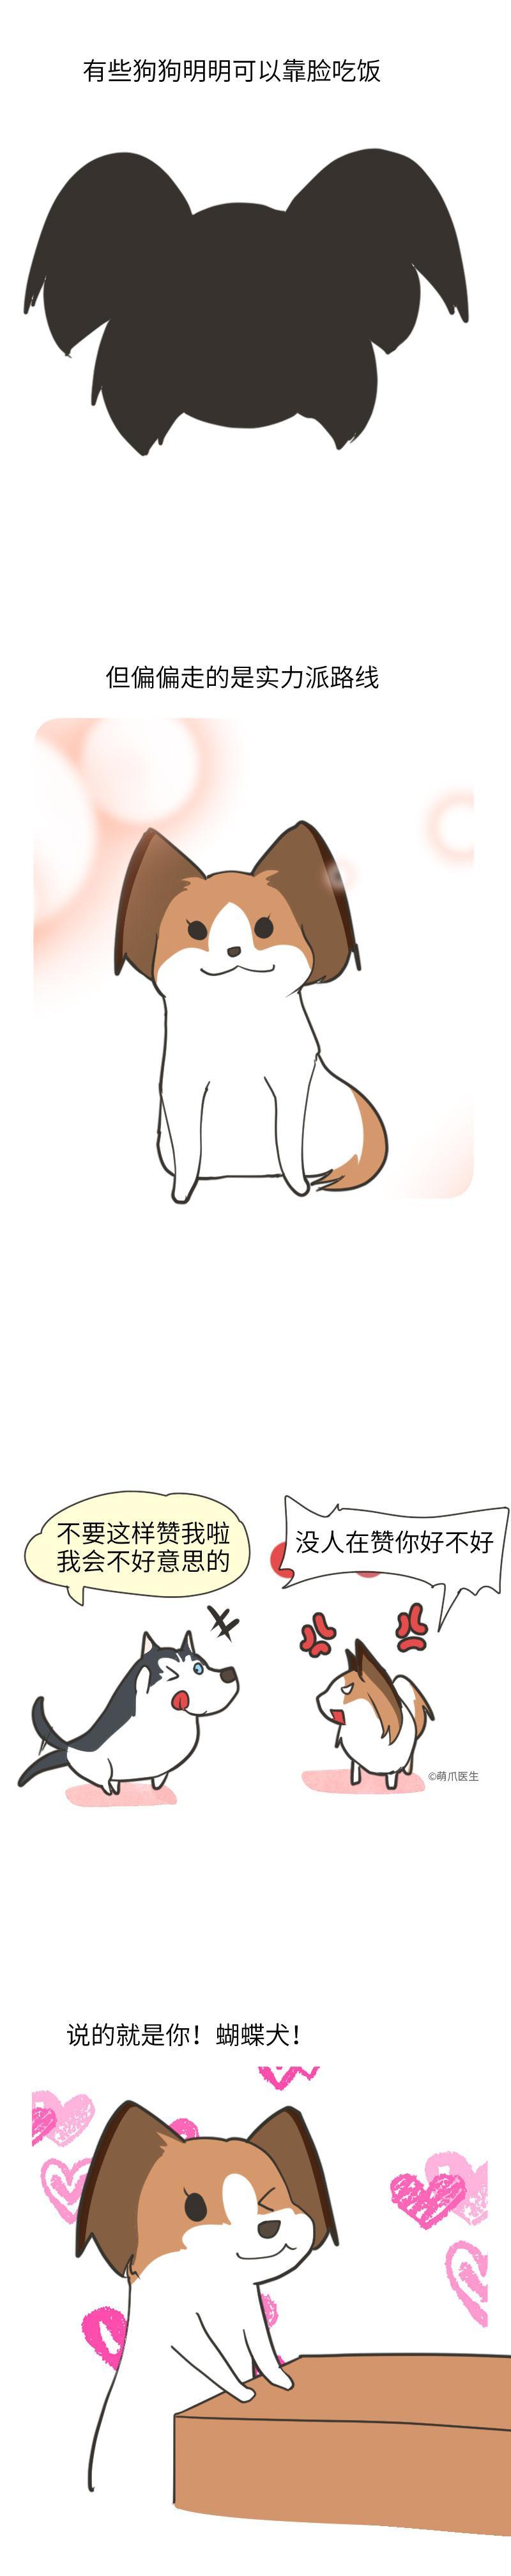 蝴蝶犬:聪明+颜值,逆天了